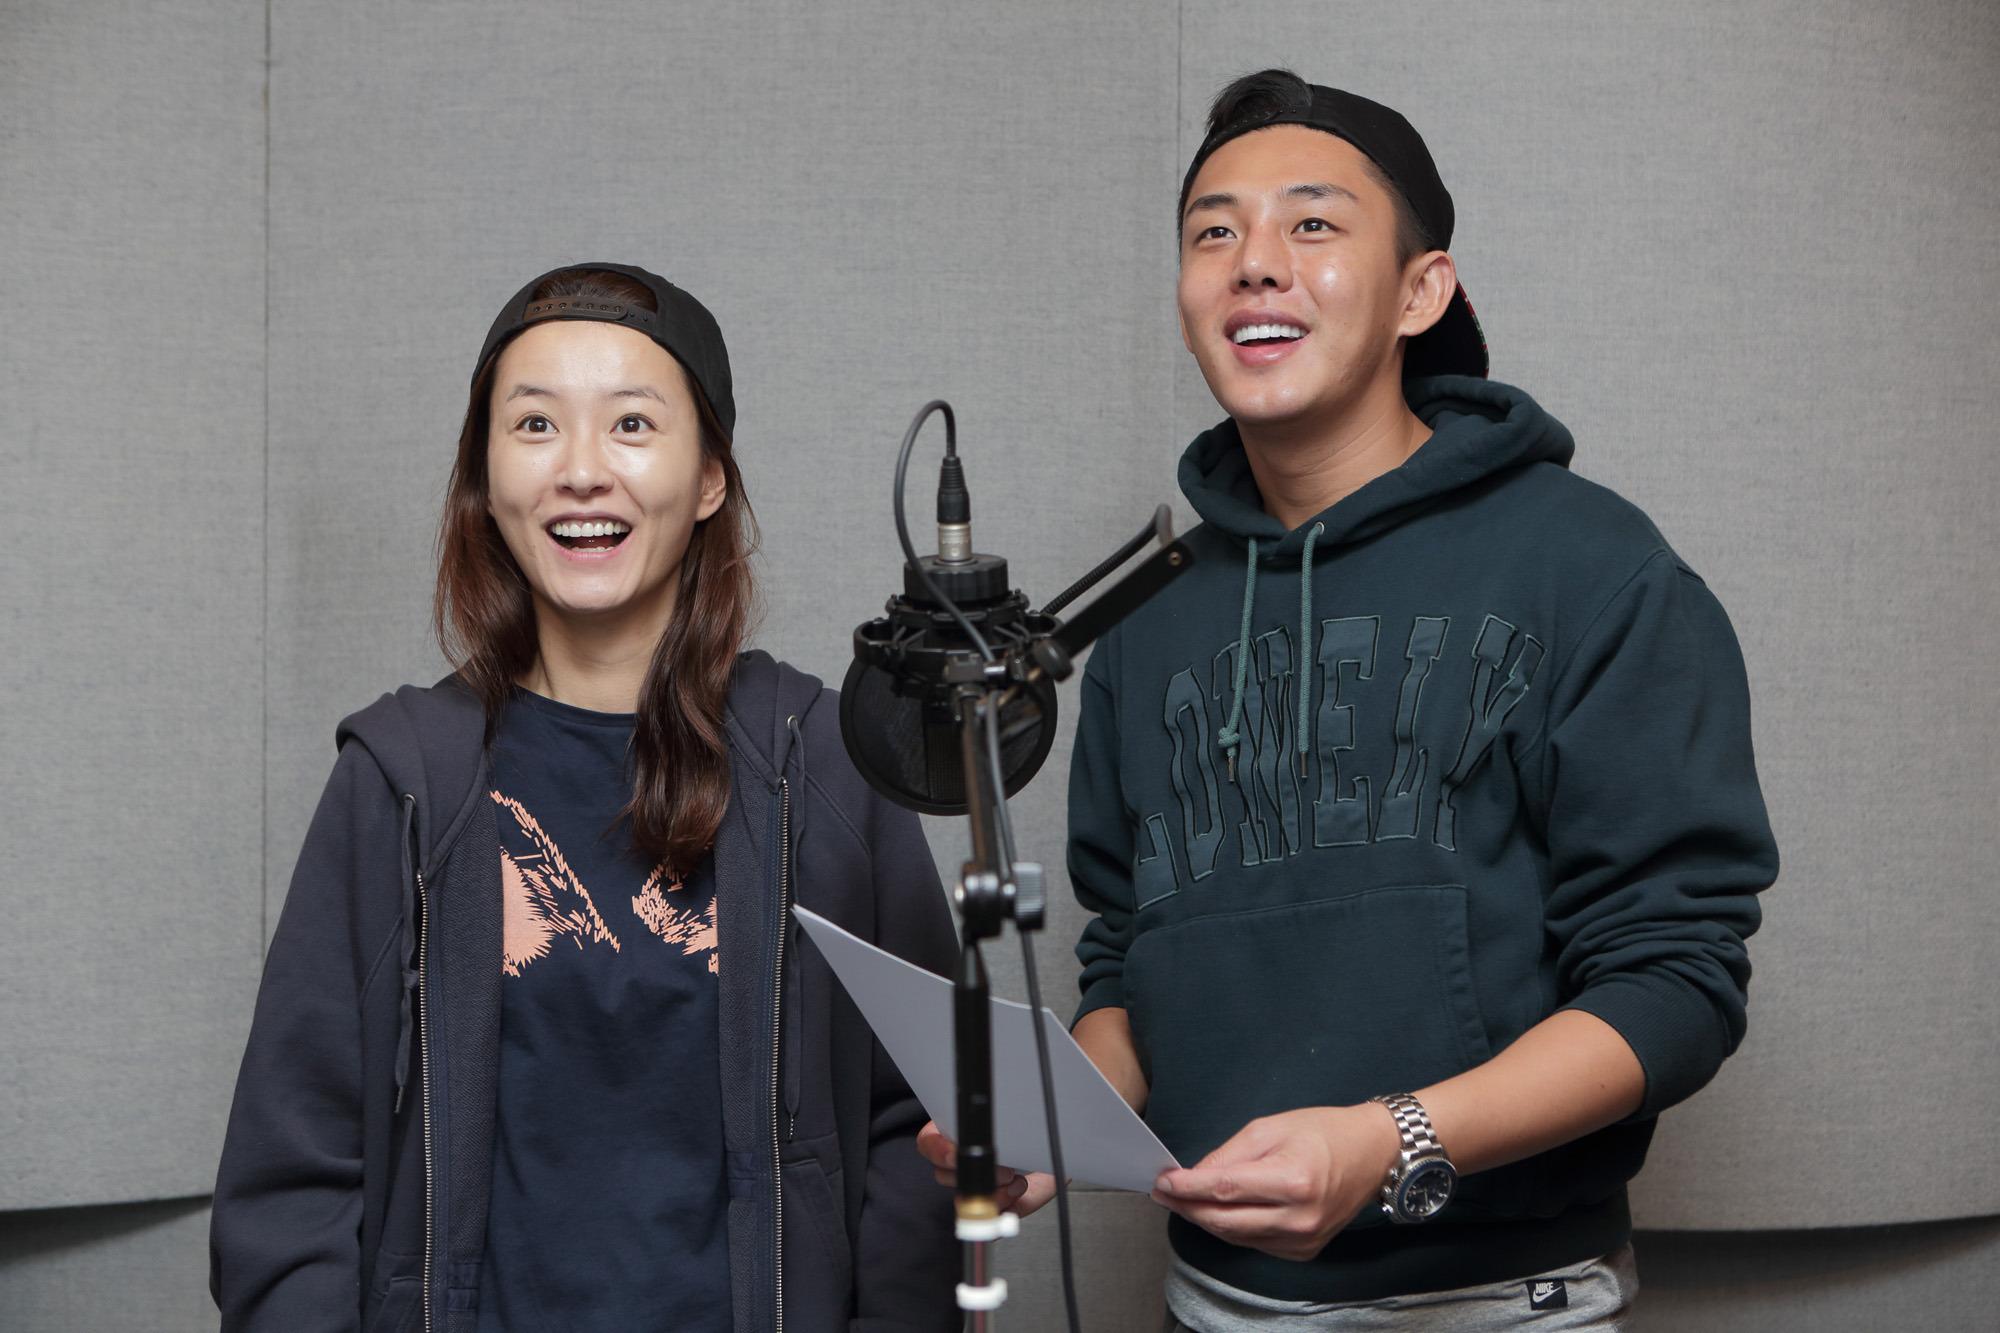 Jung Yu-mi and Ah-In Yoo in Uribyeol Ilho-wa Eollukso (2014)